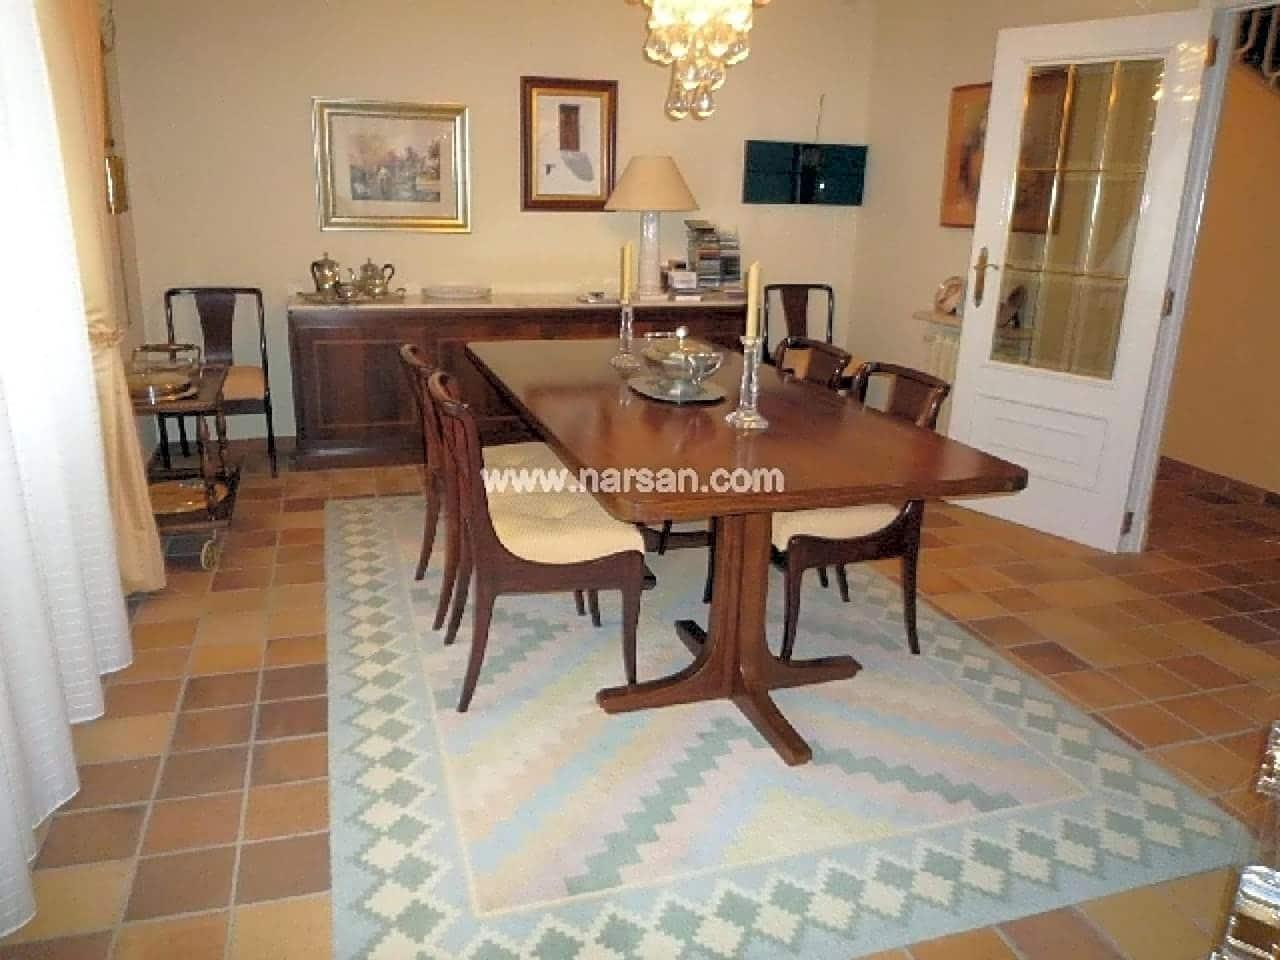 4 makuuhuone Huvila myytävänä paikassa Benicassim mukana uima-altaan - 900 000 € (Ref: 5625874)